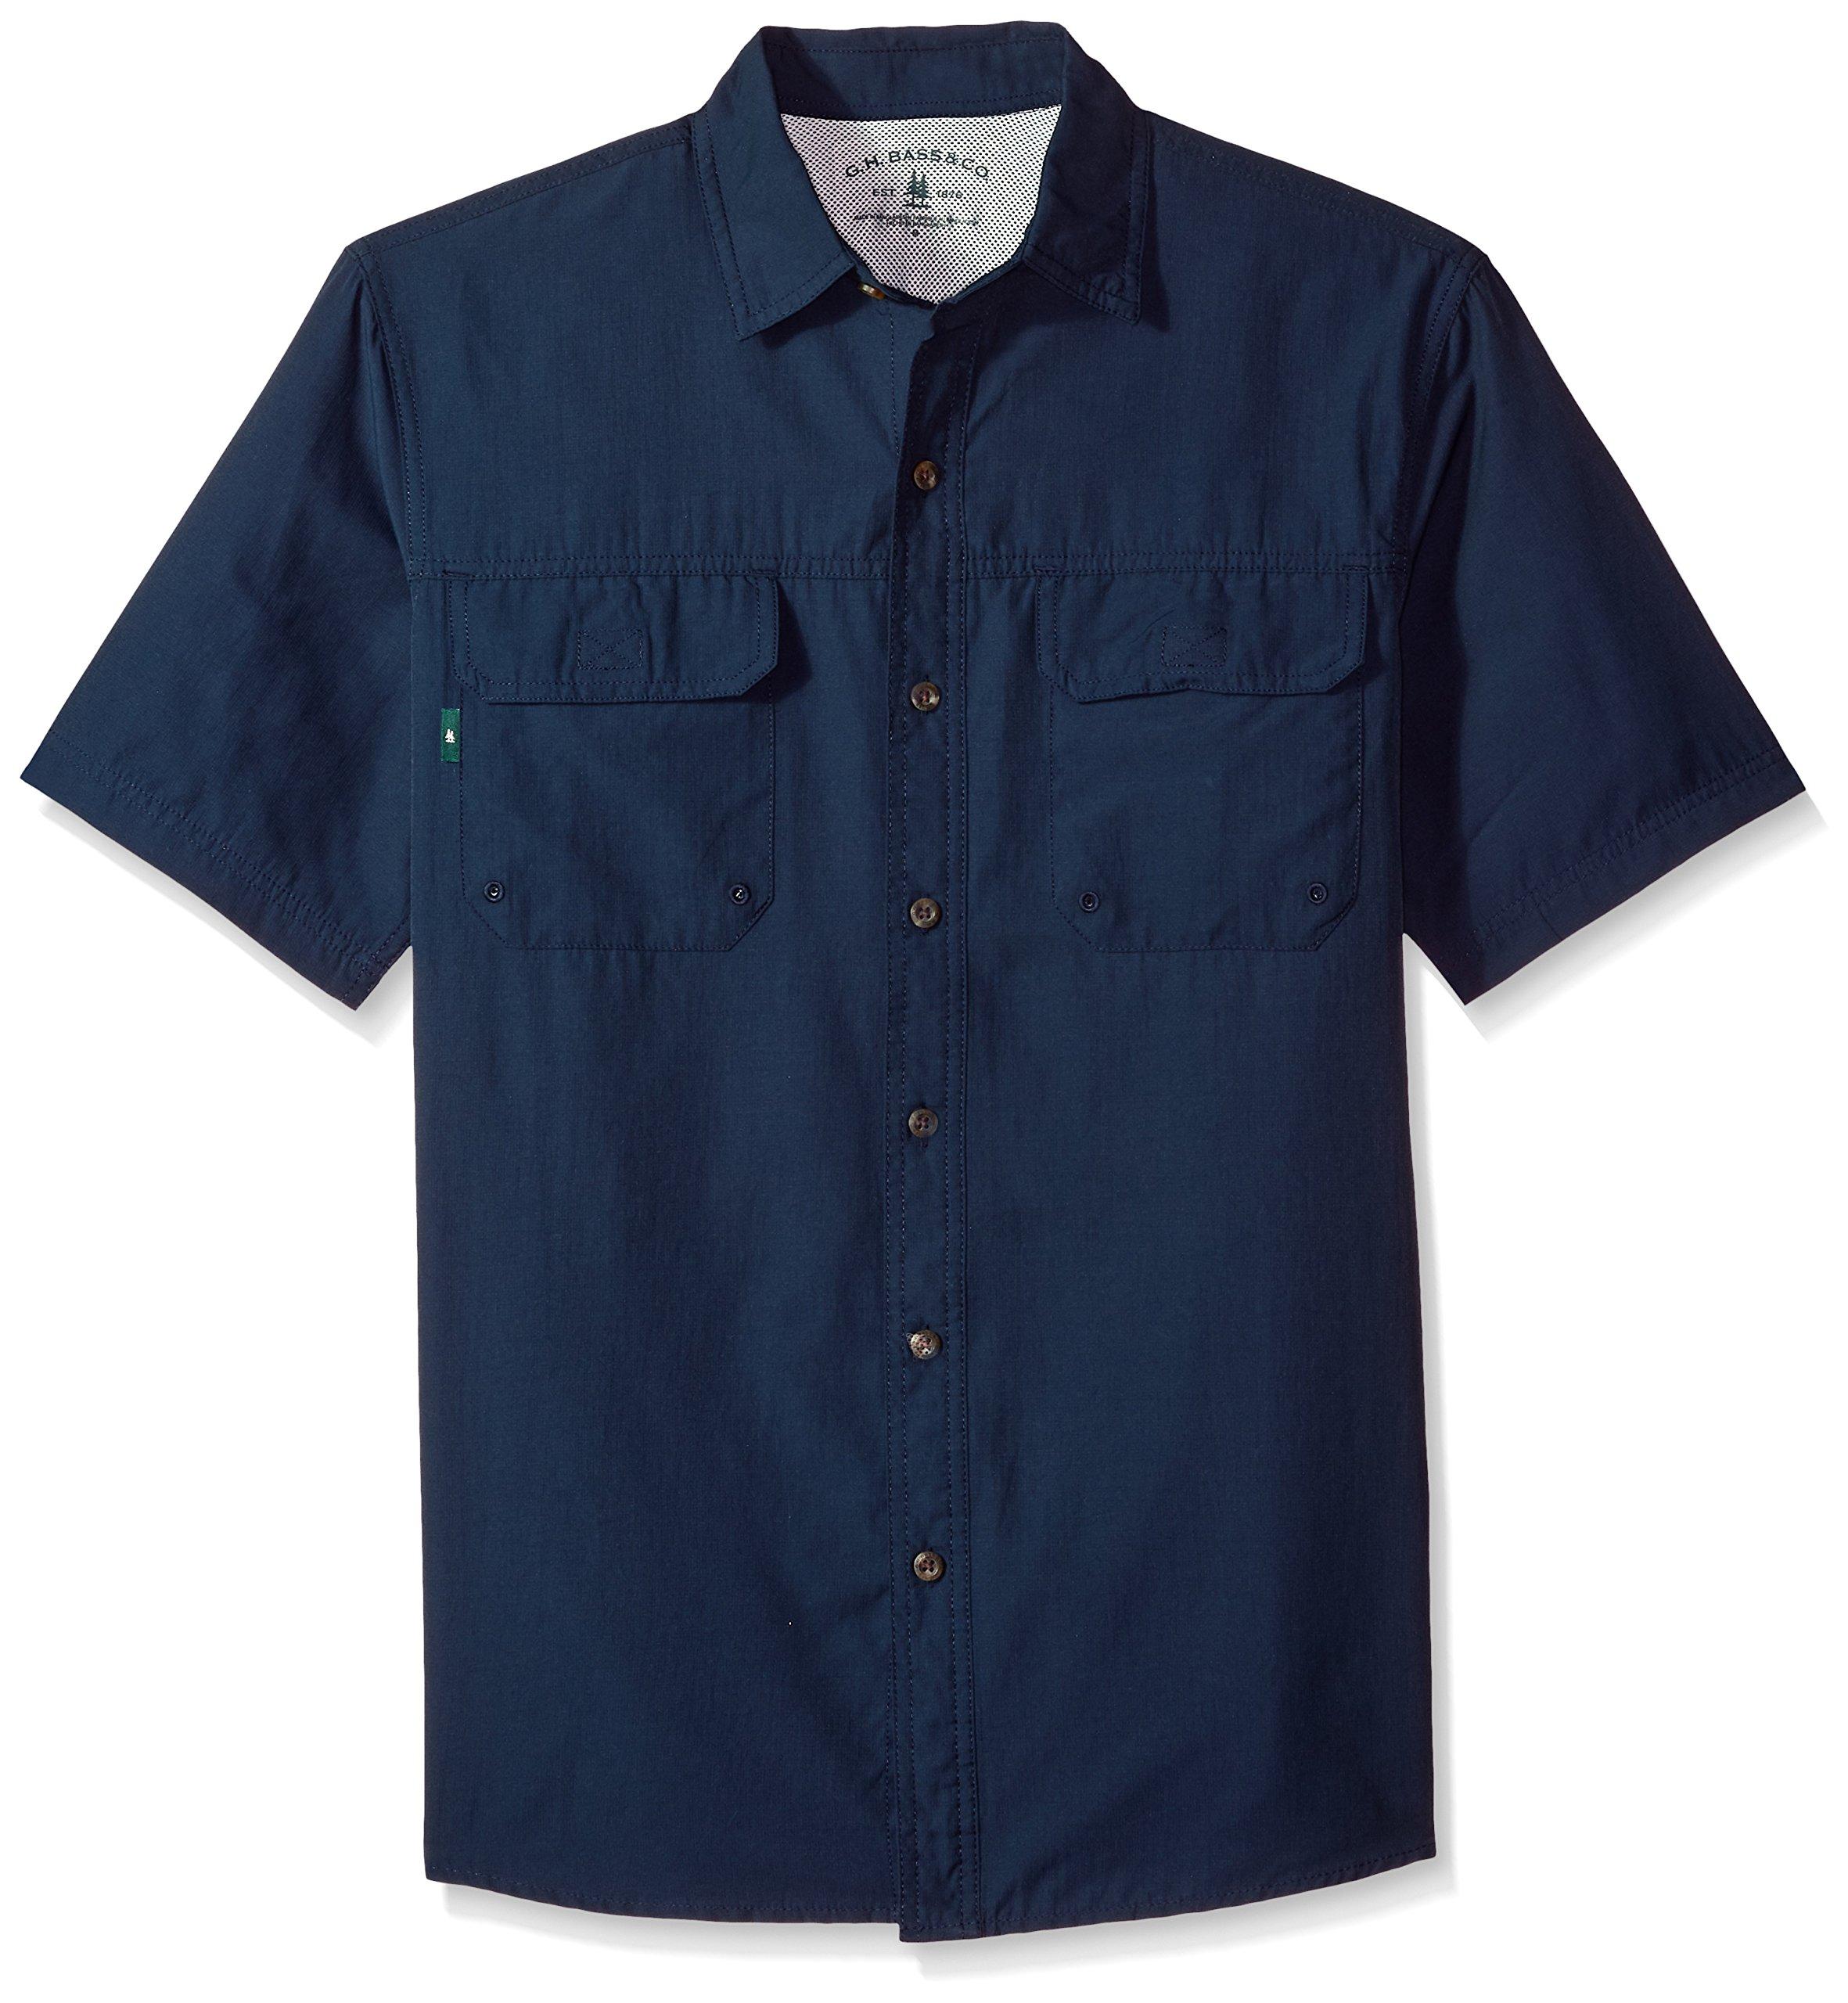 G.H. Bass & Co. Men's Explorer Point Collar Short Sleeve Fishing Shirt, Rich Navy Blazer, Medium